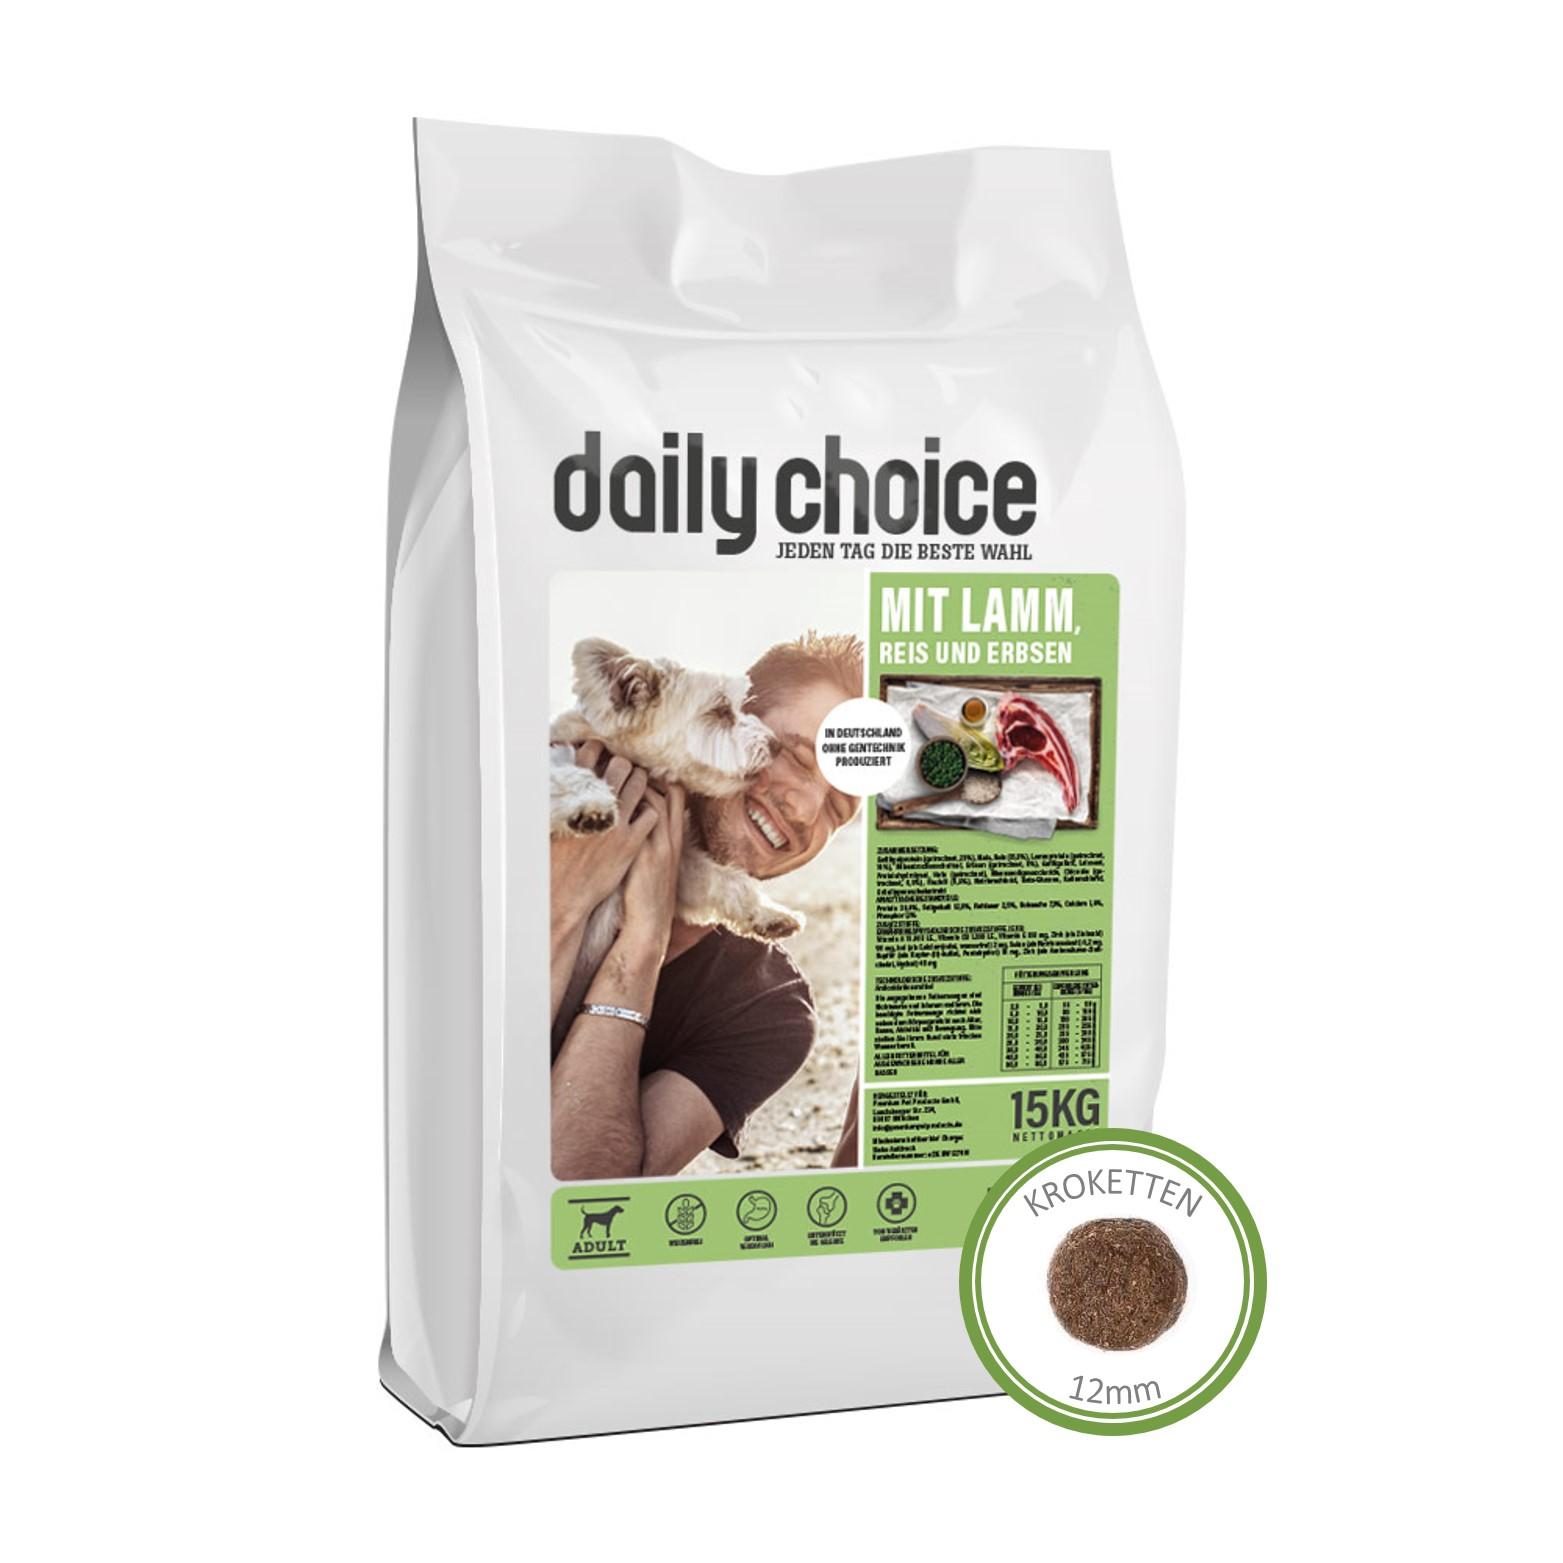 daily choice basic mit Lamm